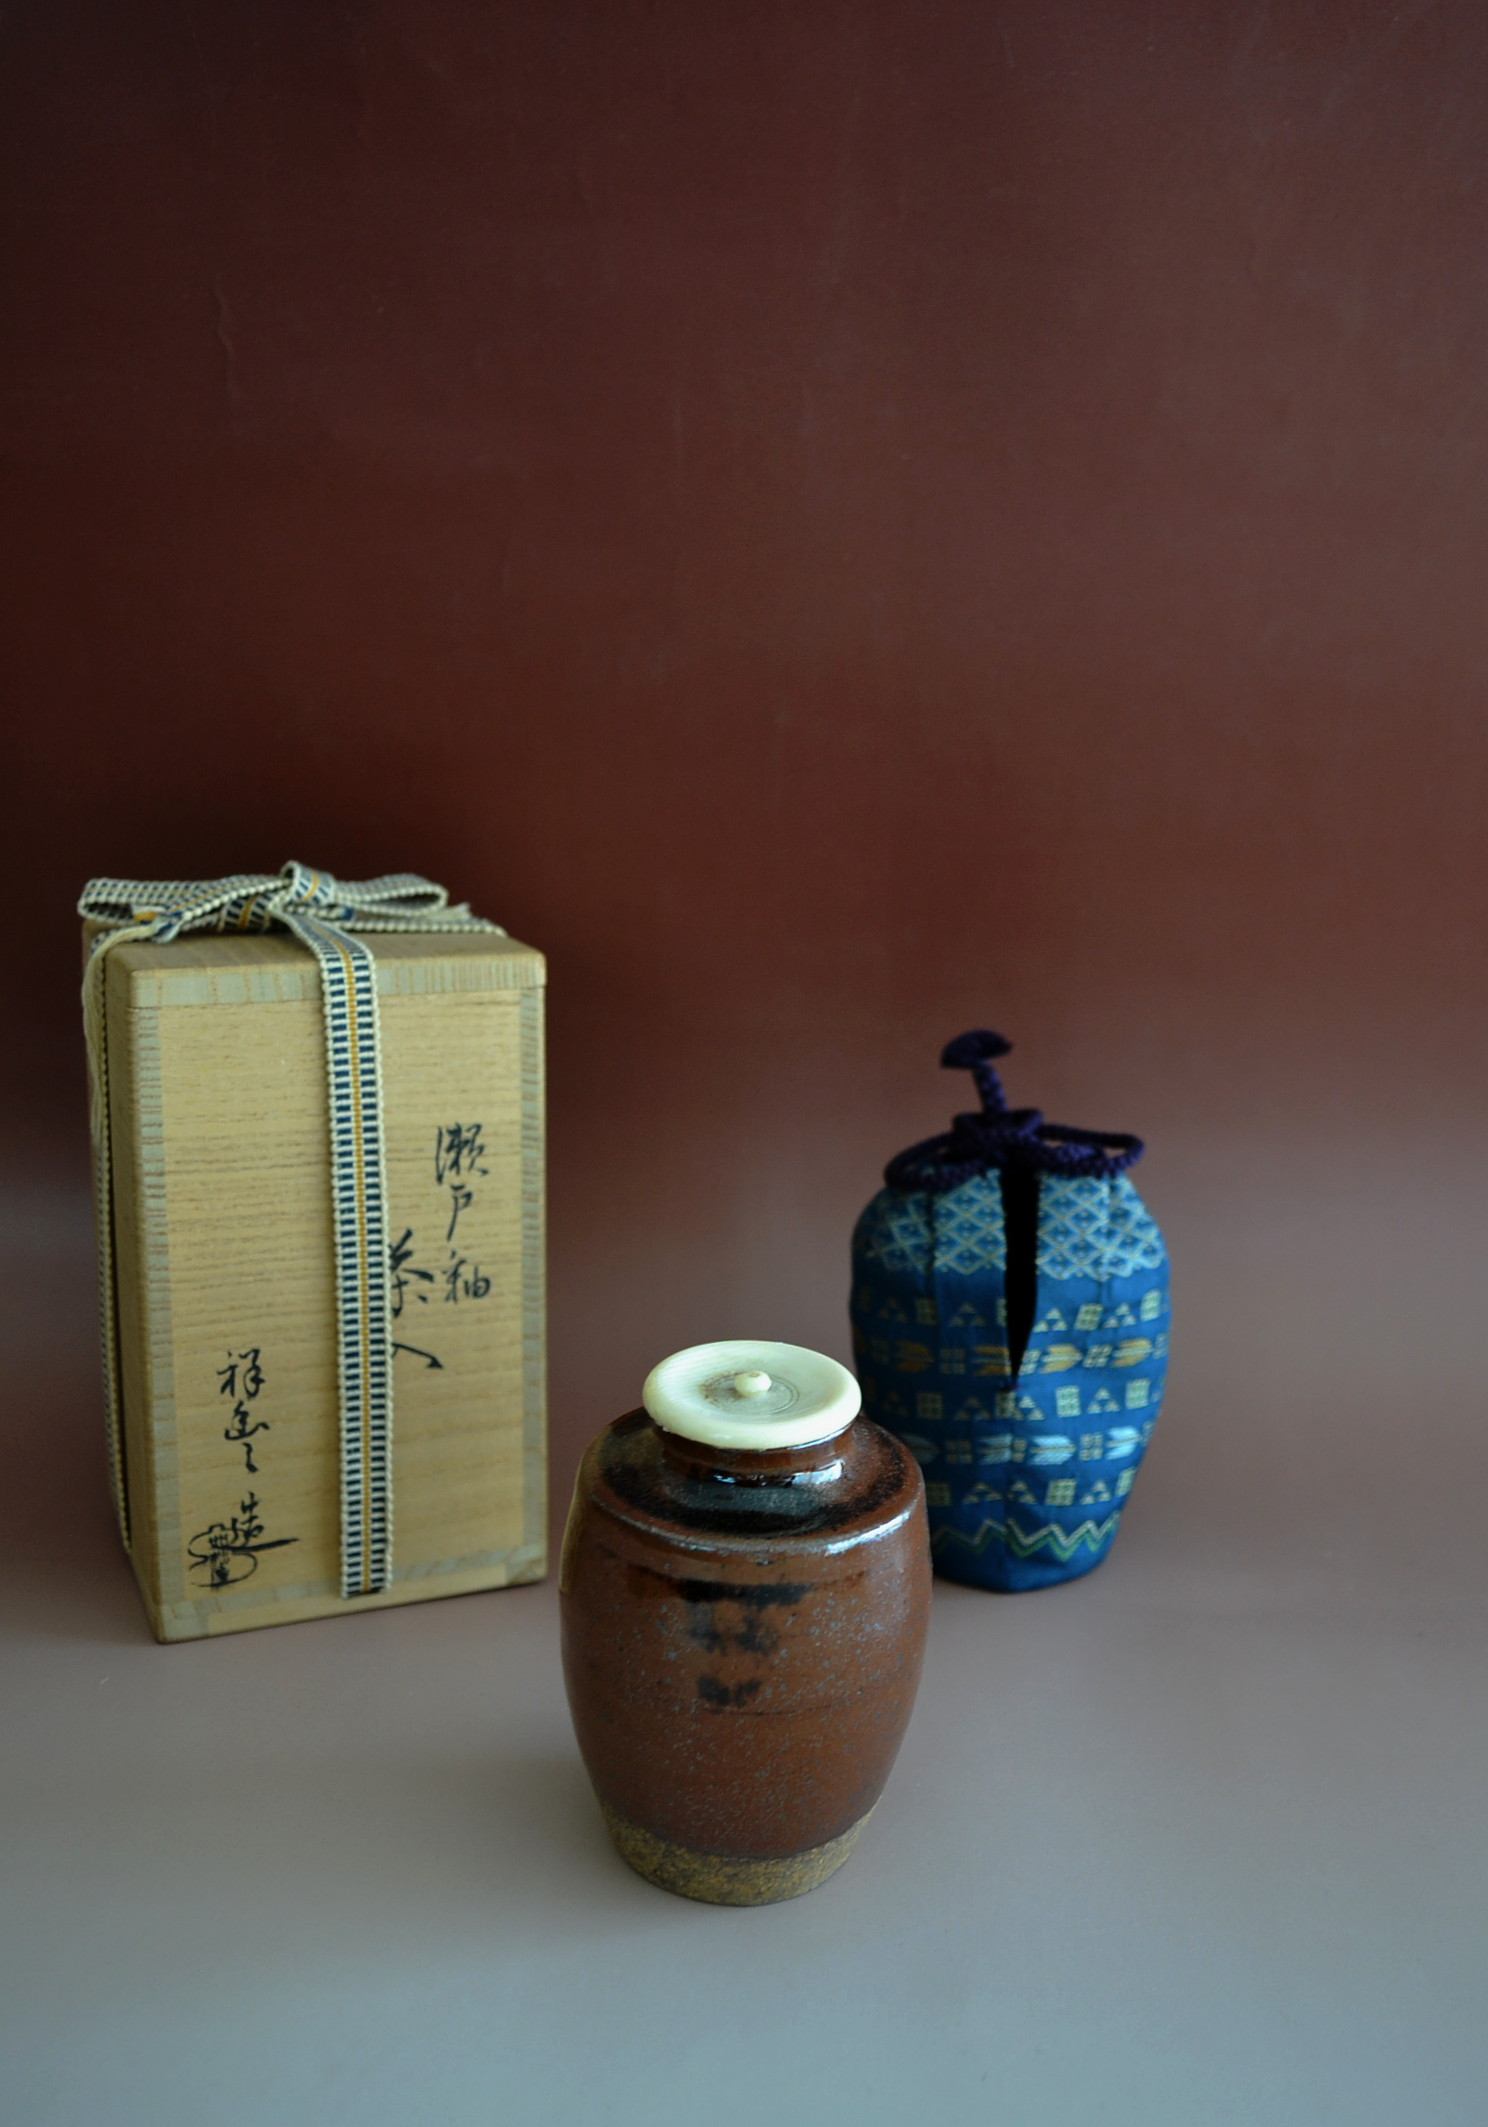 瀬戸茶入 須田祥豊作 茶道具